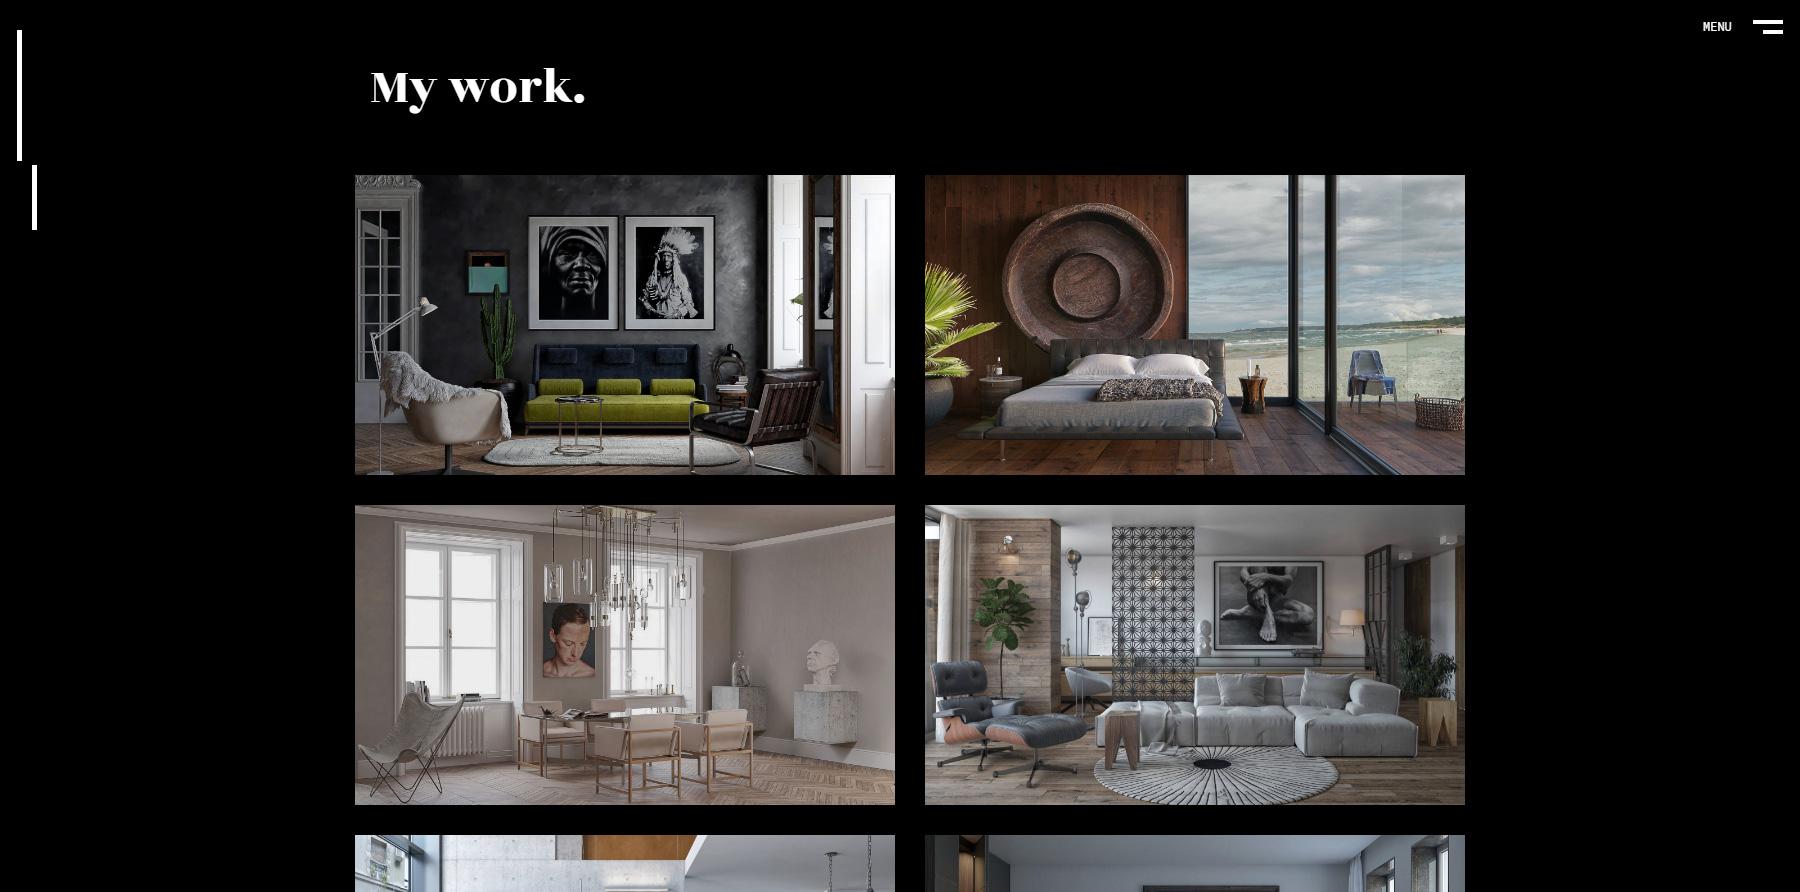 Nenad Zivojinovic portfolio - Website of the Day